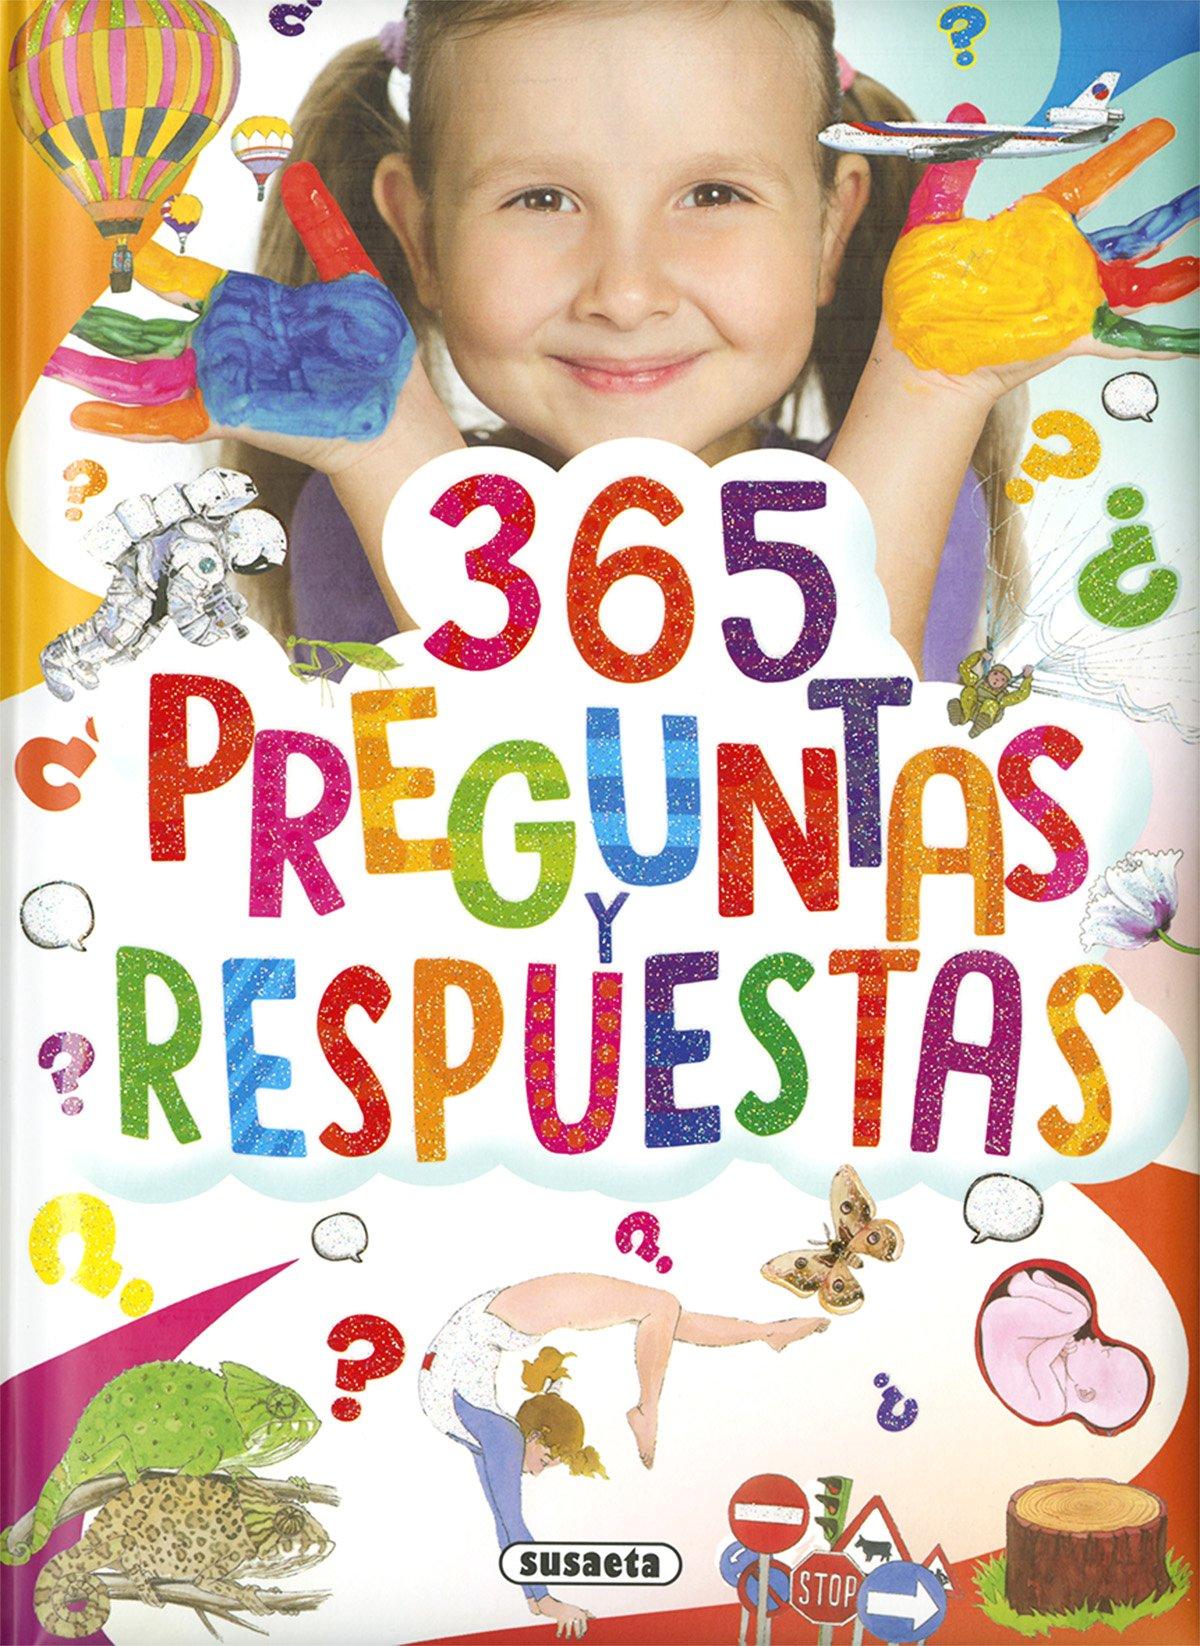 365 Preguntas Y Respuestas (Colección 365...): Amazon.es: Susaeta Ediciones S A: Libros